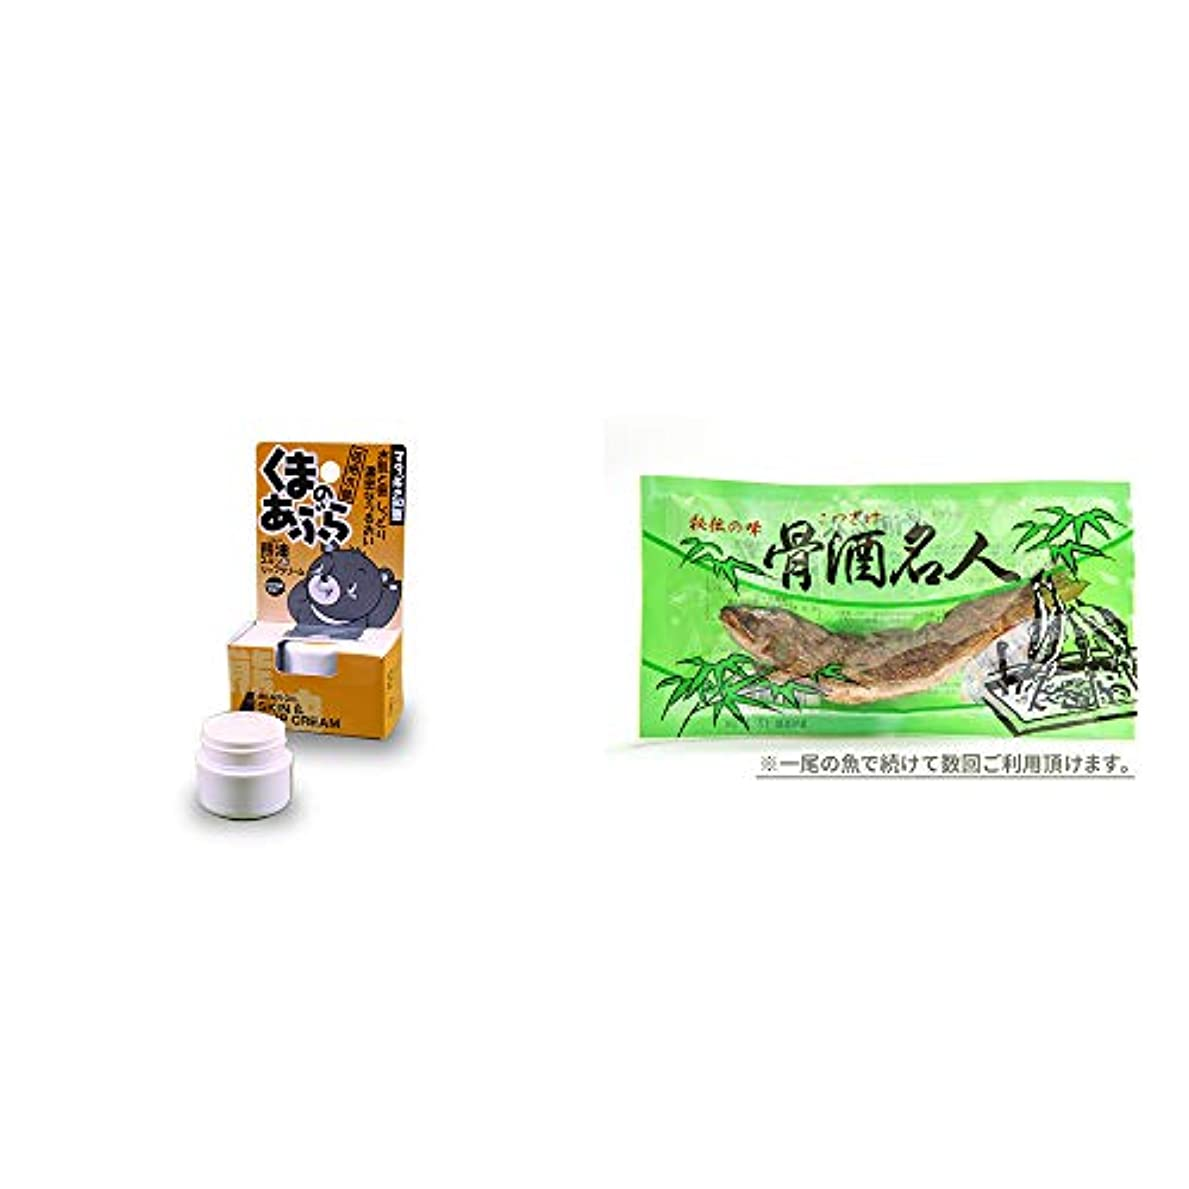 [2点セット] 信州木曽 くまのあぶら 熊油スキン&リップクリーム(9g)?骨酒名人(一尾)